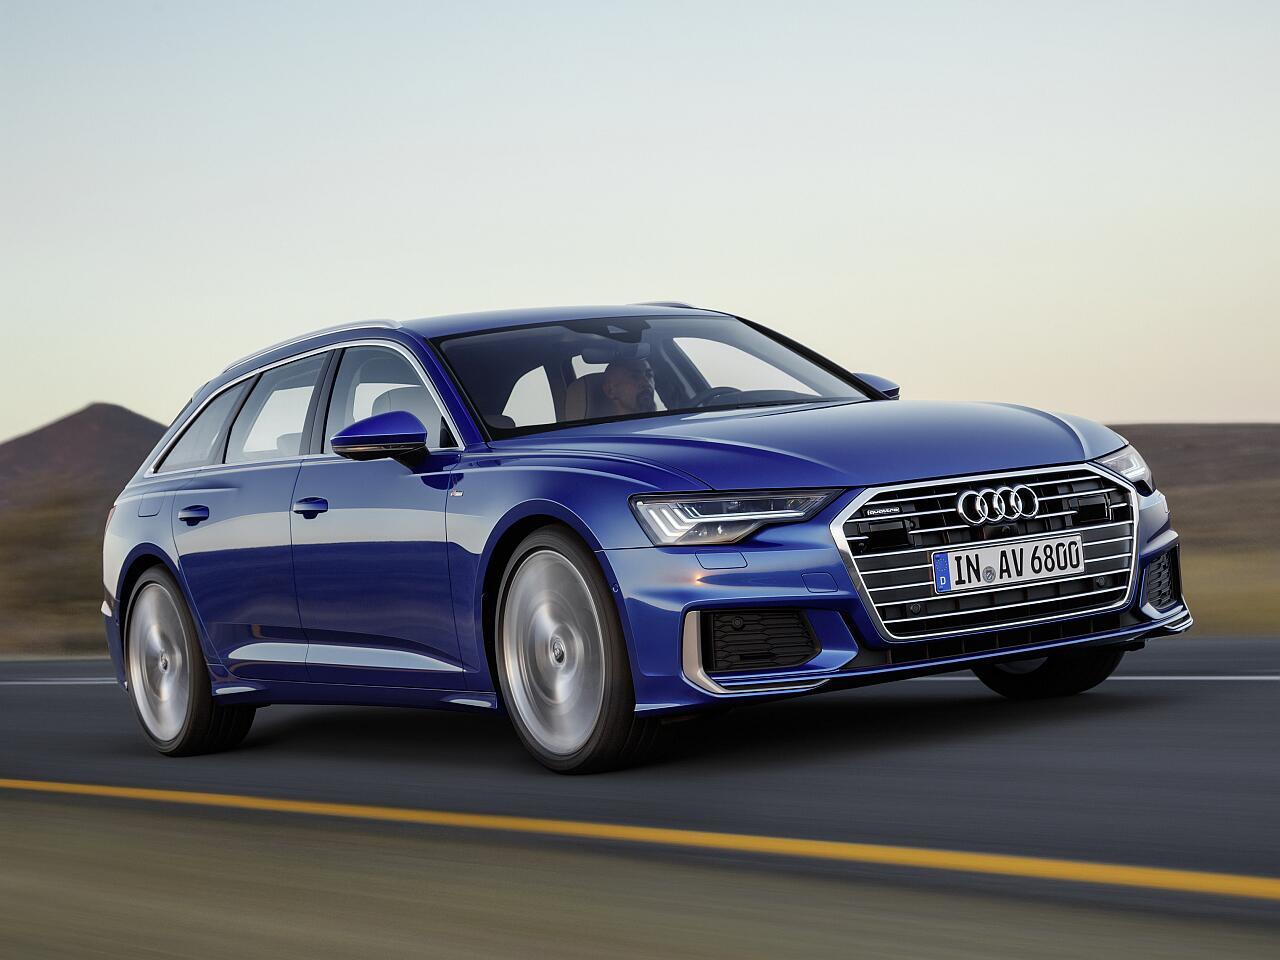 Bild zu Der neue Audi A6 Avant: Kombi mit viel Platz und modernem Design